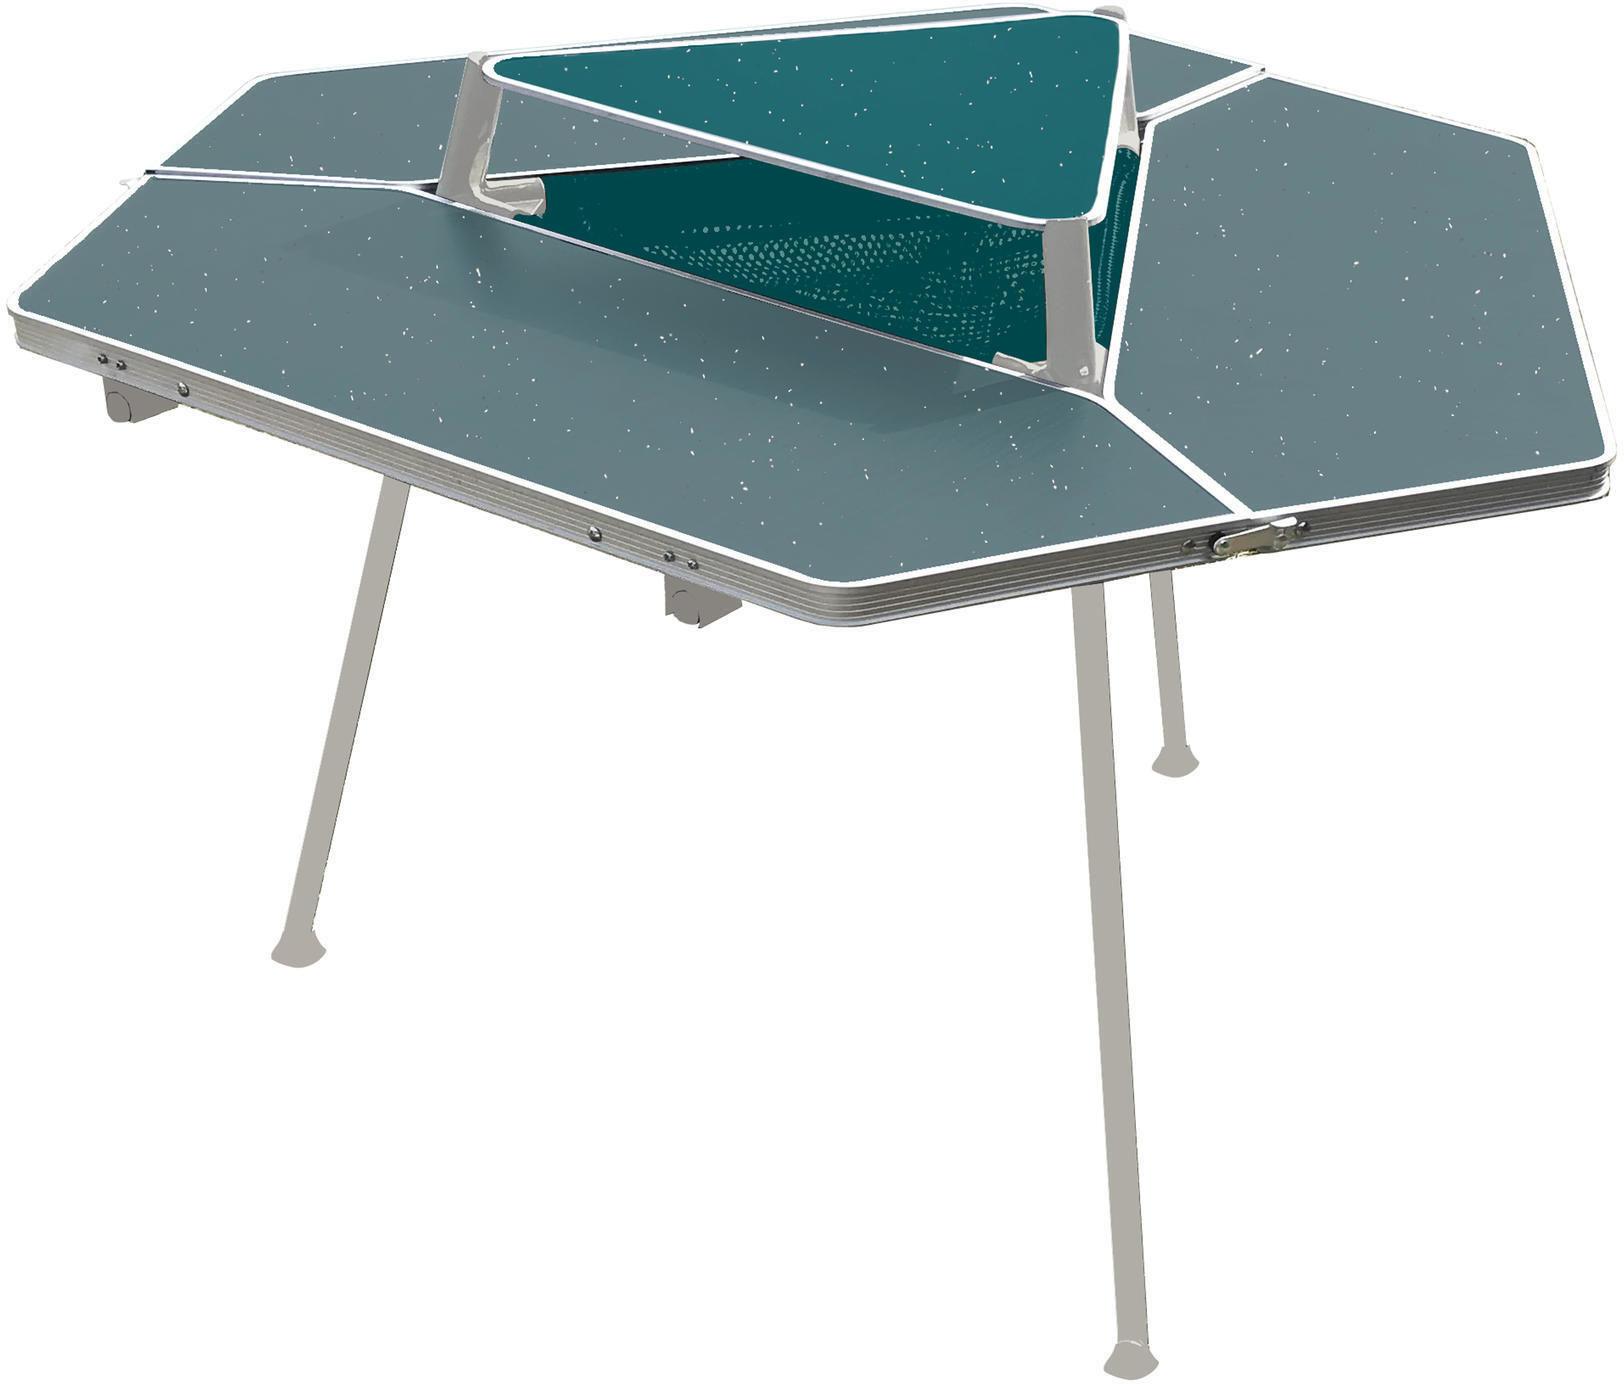 Stół kempingowy - dla 6 osób - Tepee